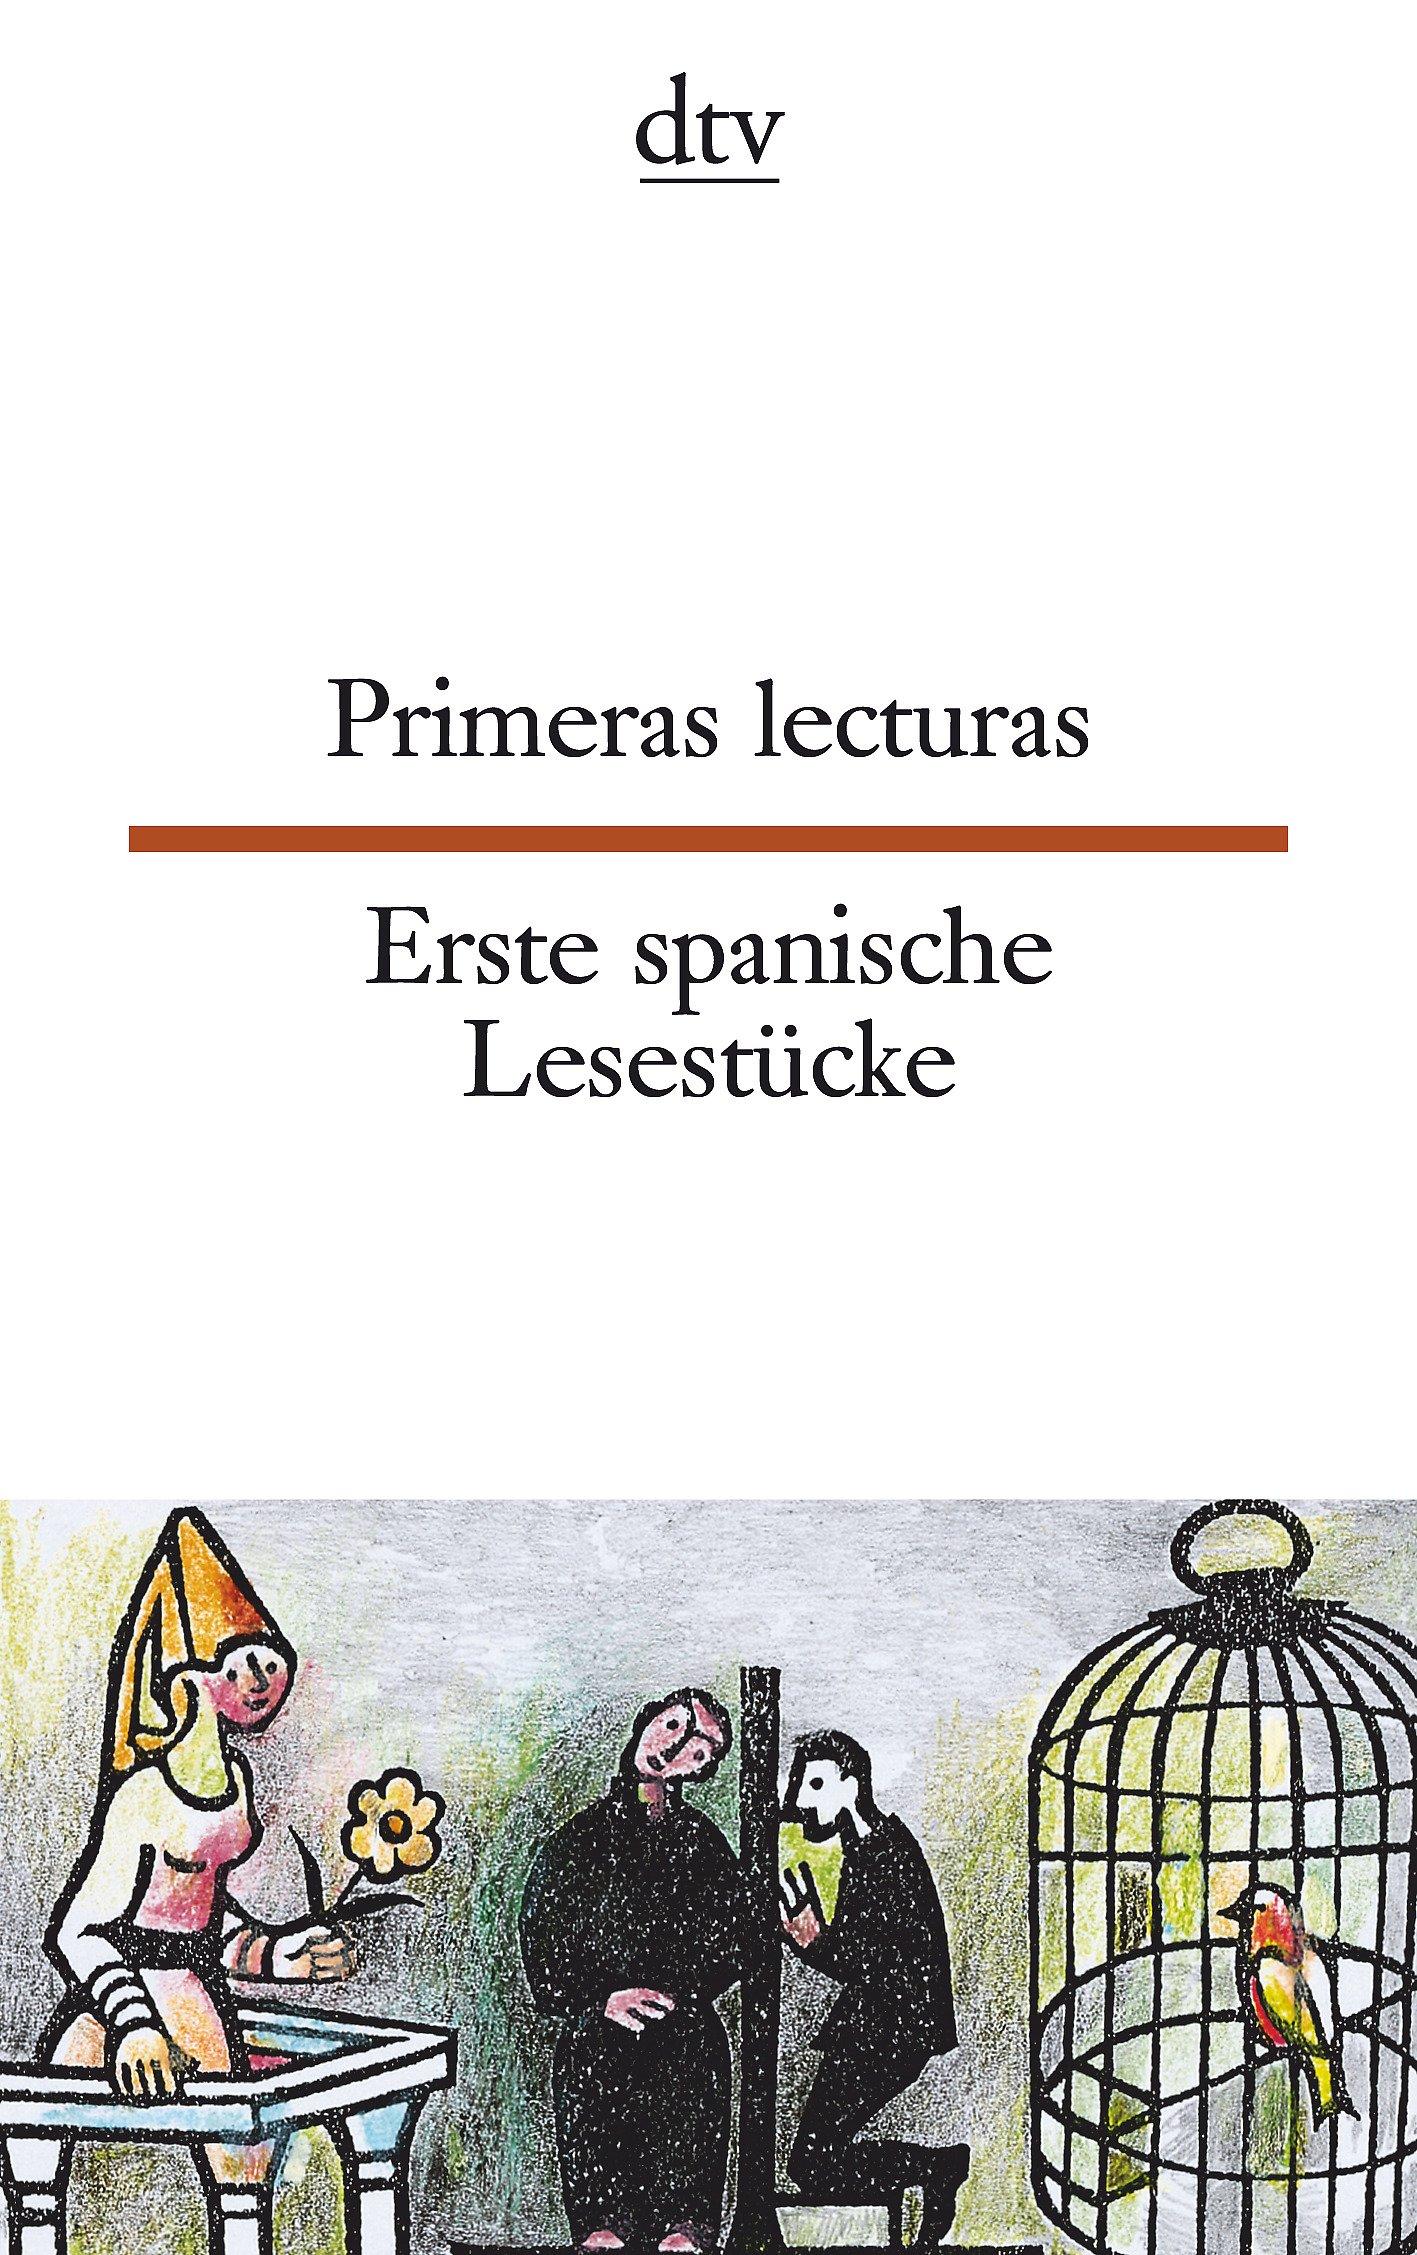 Primeras lecturas Erste spanische Lesestücke: Kinderreime, Sprichwörter, Gedichte, Aphorismen, Anekdoten, Schnurren (dtv zweisprachig)